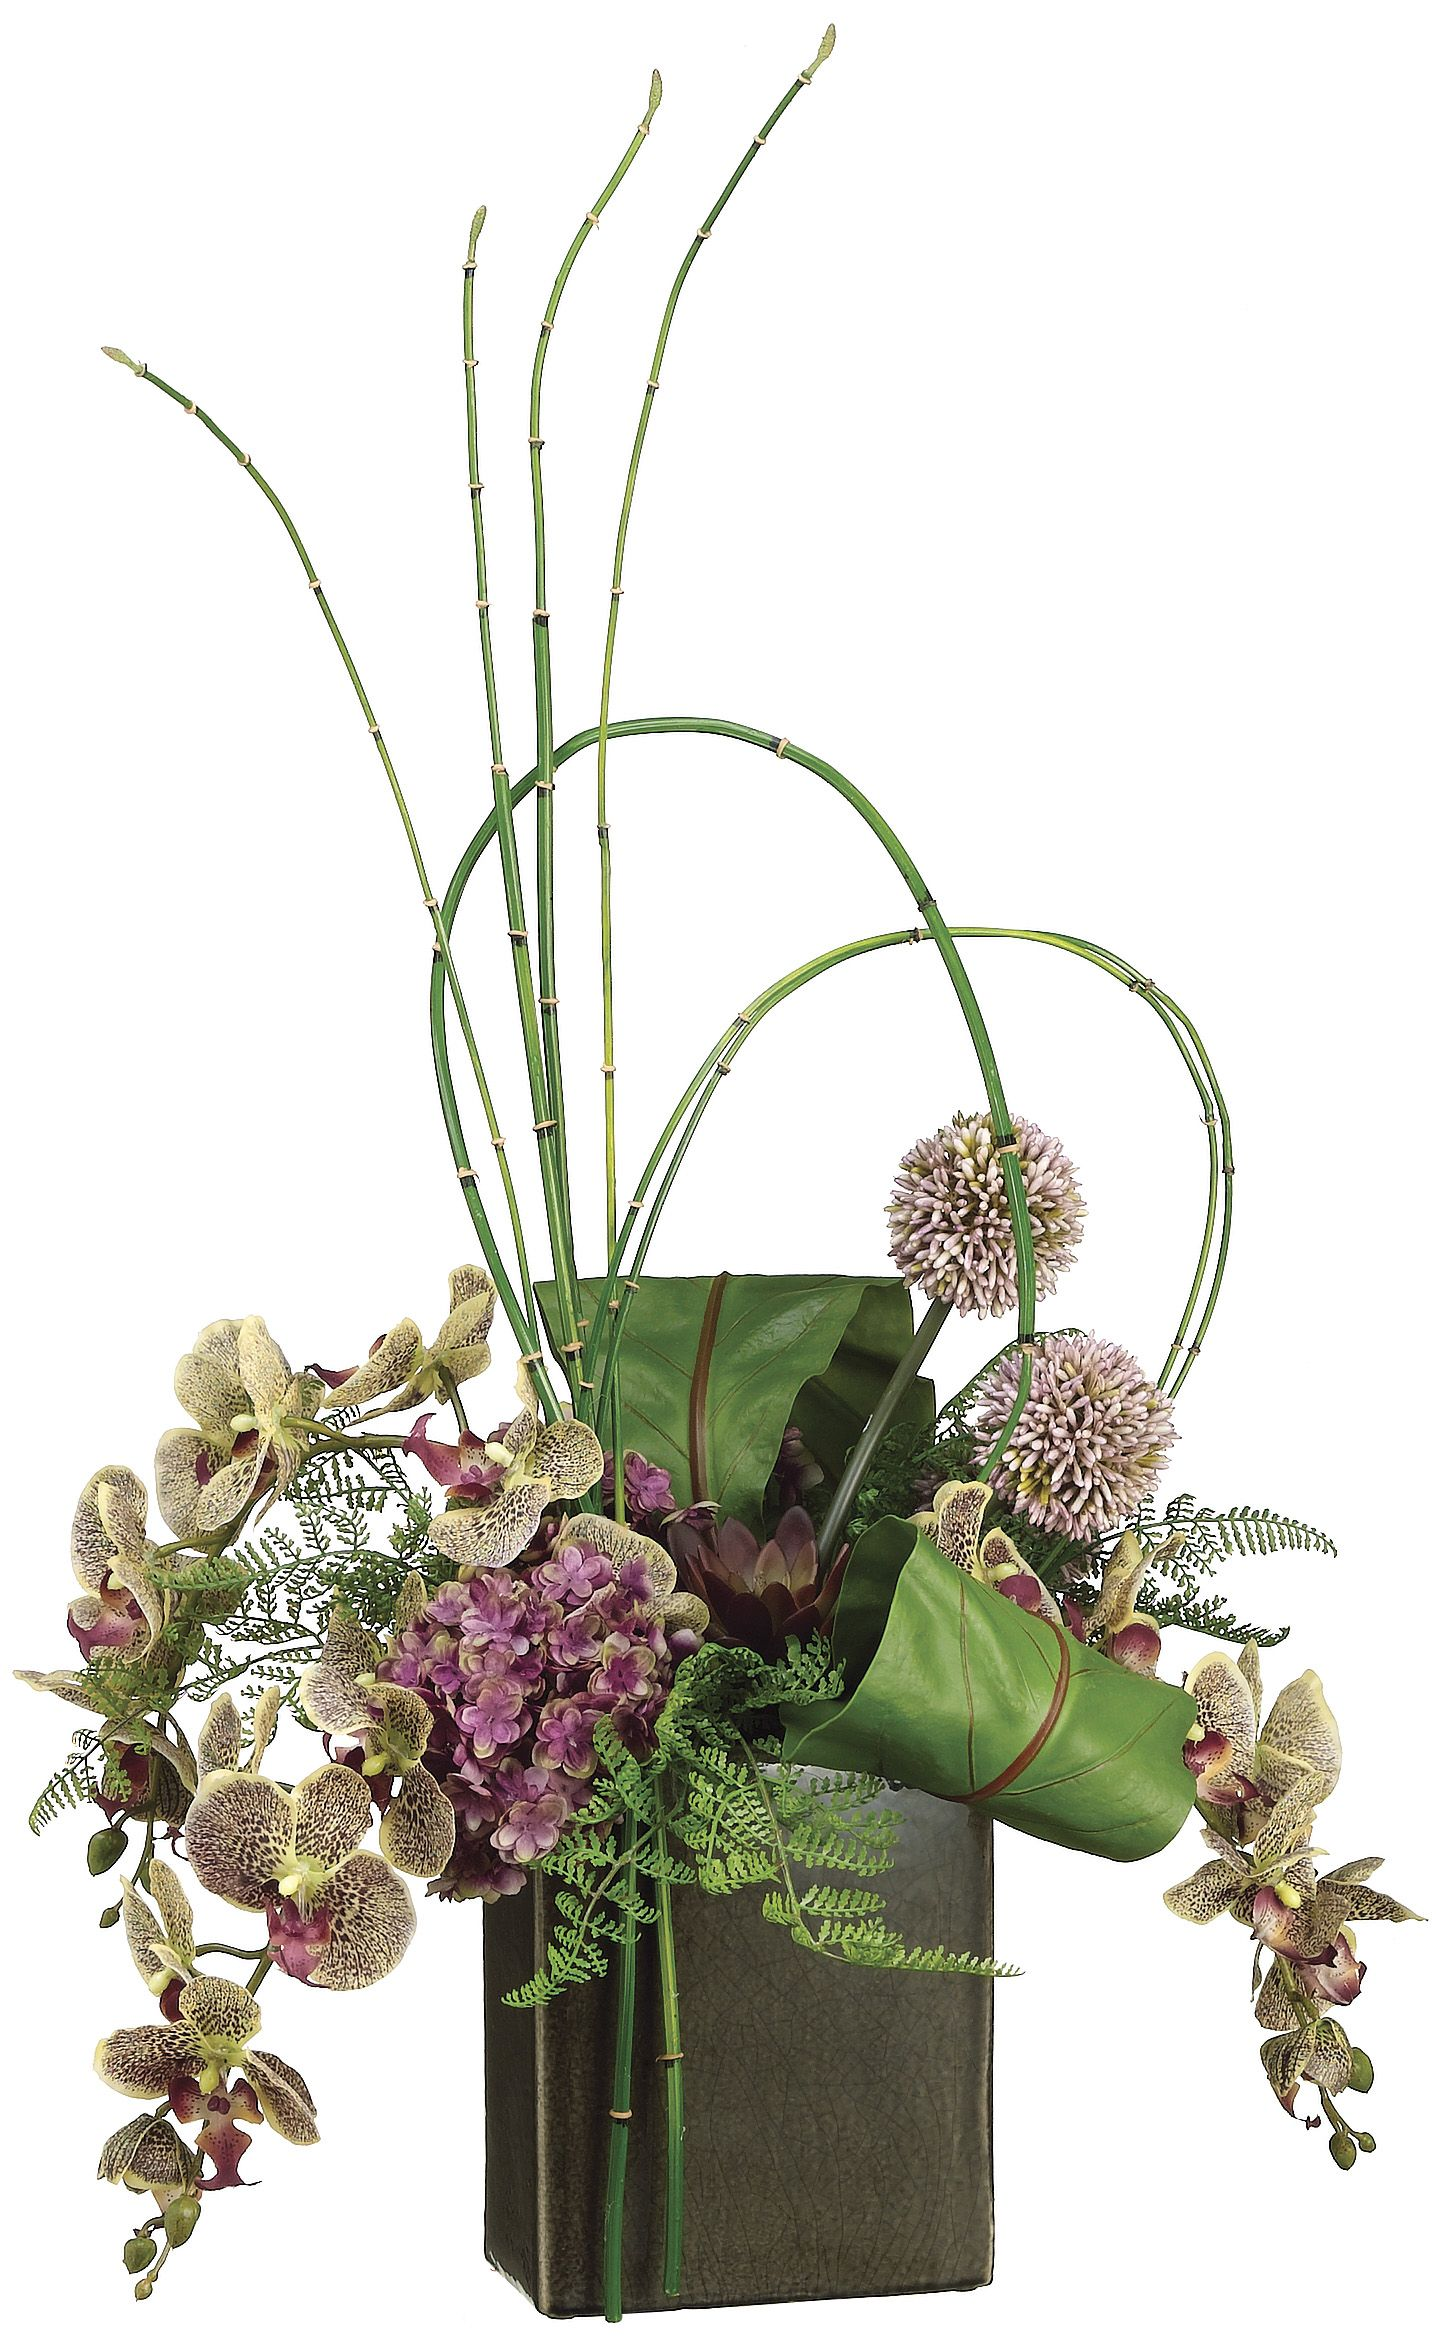 office floral arrangements. Office Floral Arrangements. Cube Container - Size: X Weight: Lb Color: Mixed Arrangements